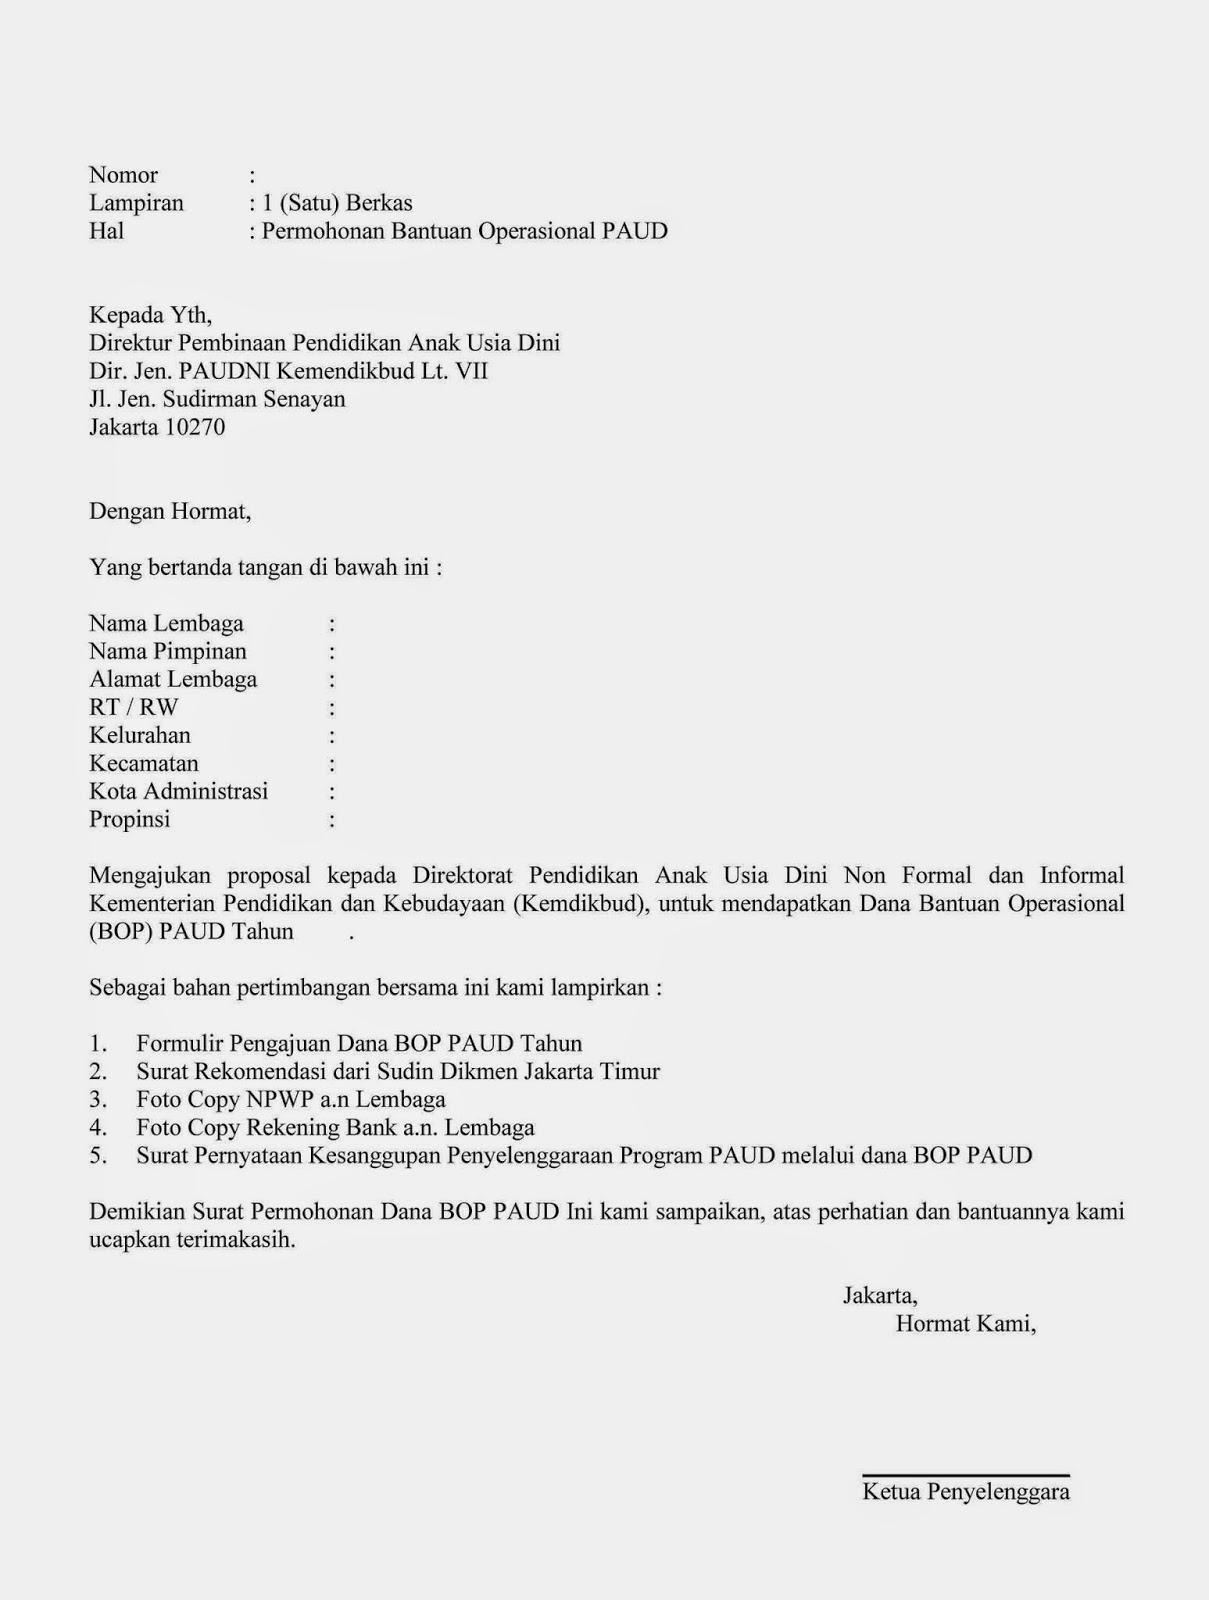 Contoh Surat Permohonan Bantuan Operasional (BOP) PAUD ...